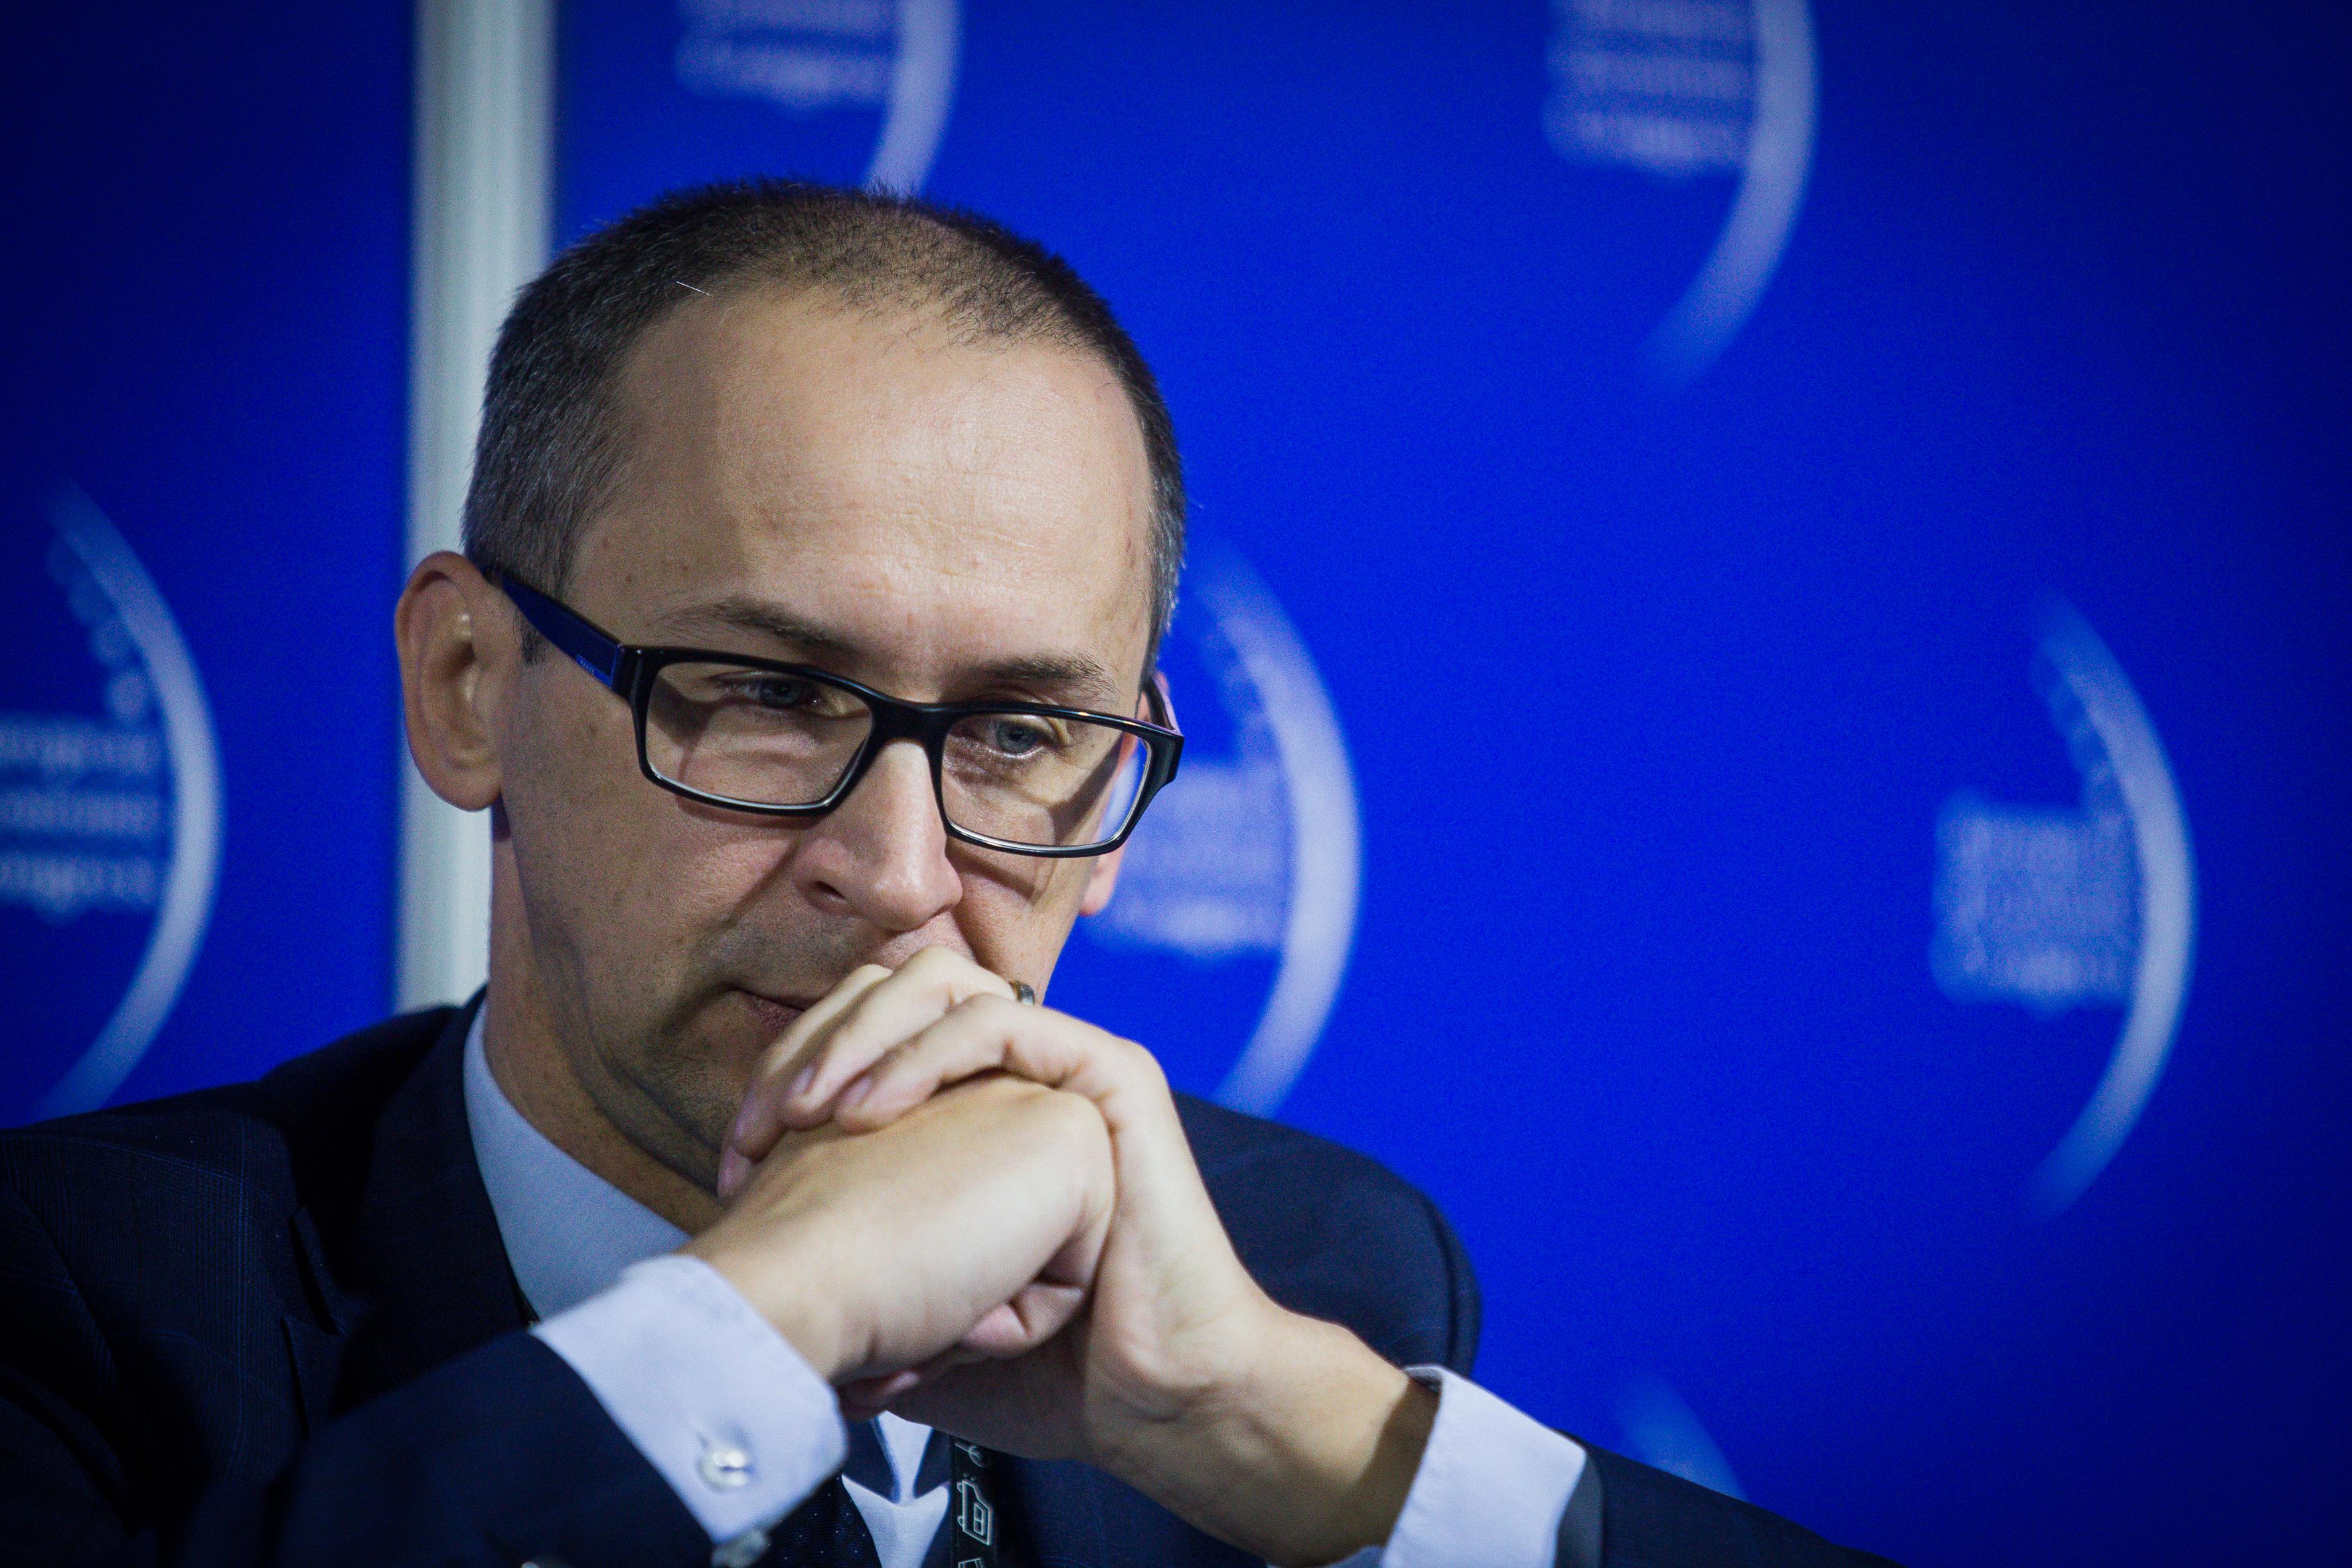 Wiemy, że przy stopie bezrobocia rzędu ośmiu procent pracodawcy zaczynają odczuwać brak pracowników, ale tych, którzy mają pożądane kompetencje - mówi Kazimierz Karolczak, członek zarządu Urzędu Marszałkowskiego Województwa Śląskiego.